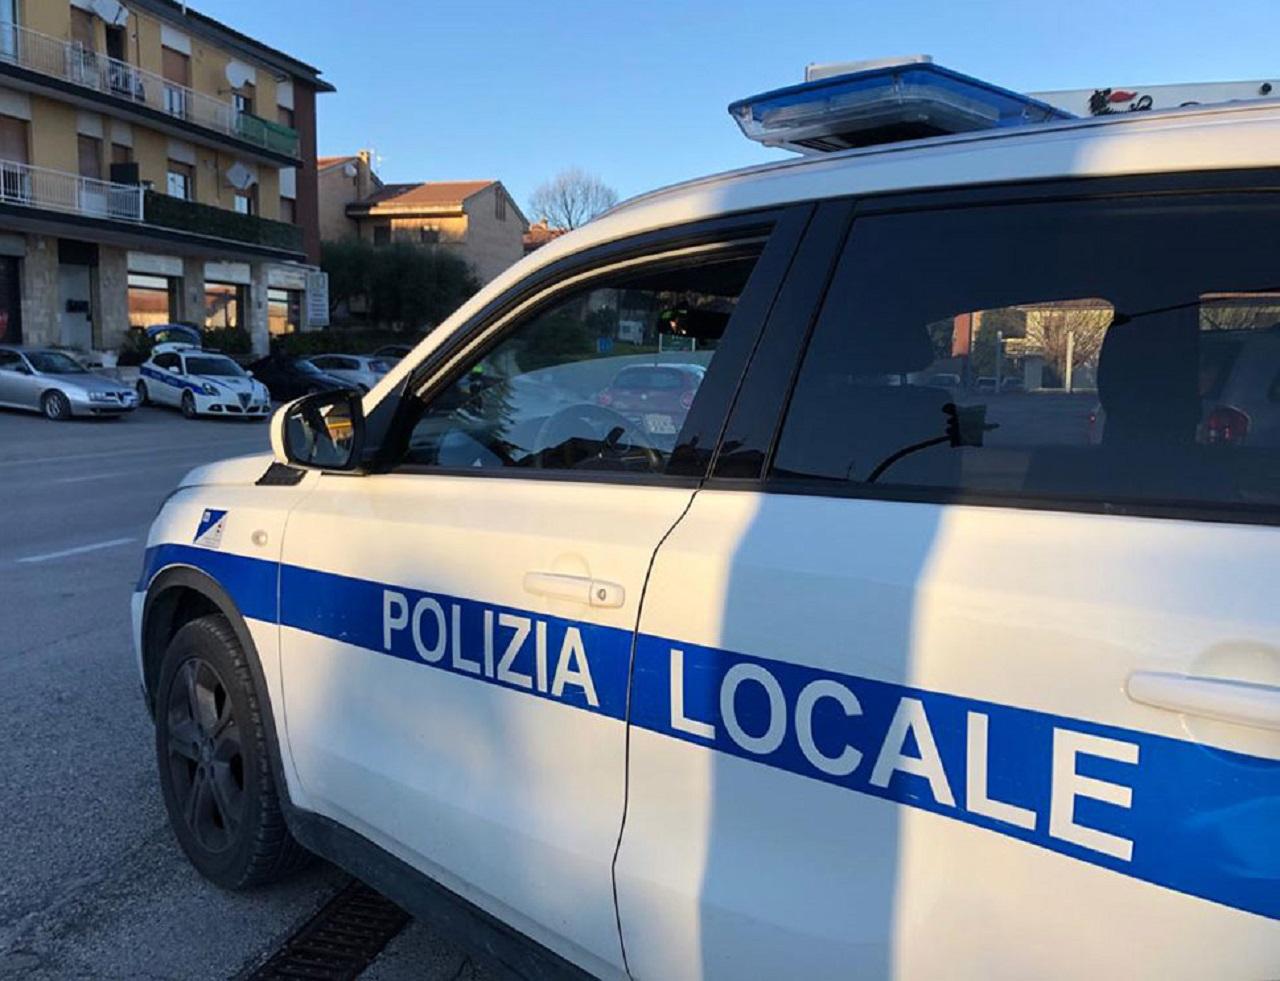 polizia locale, polizia municipale, agenti, controlli stradali